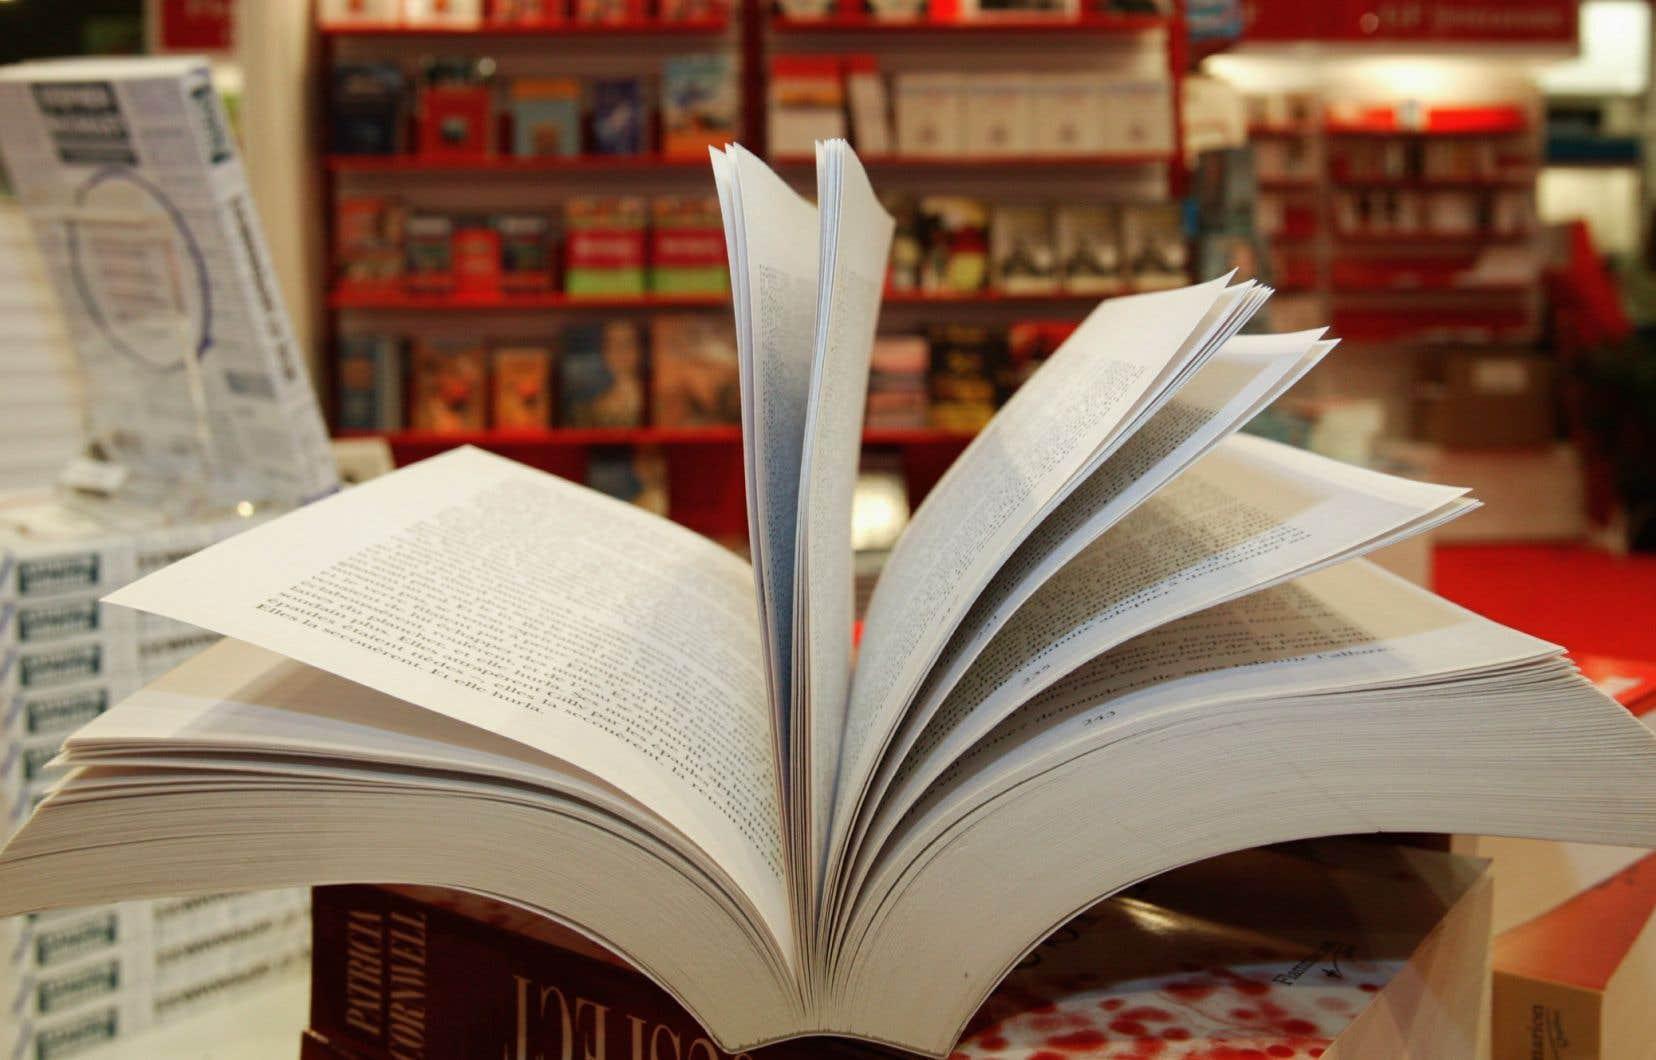 «Je doute d'avoir réussi cette grande chose, cette chose vitale que toi seul peux réaliser: ouvrir un livre que personne ne t'aura imposé», écrit l'auteur.